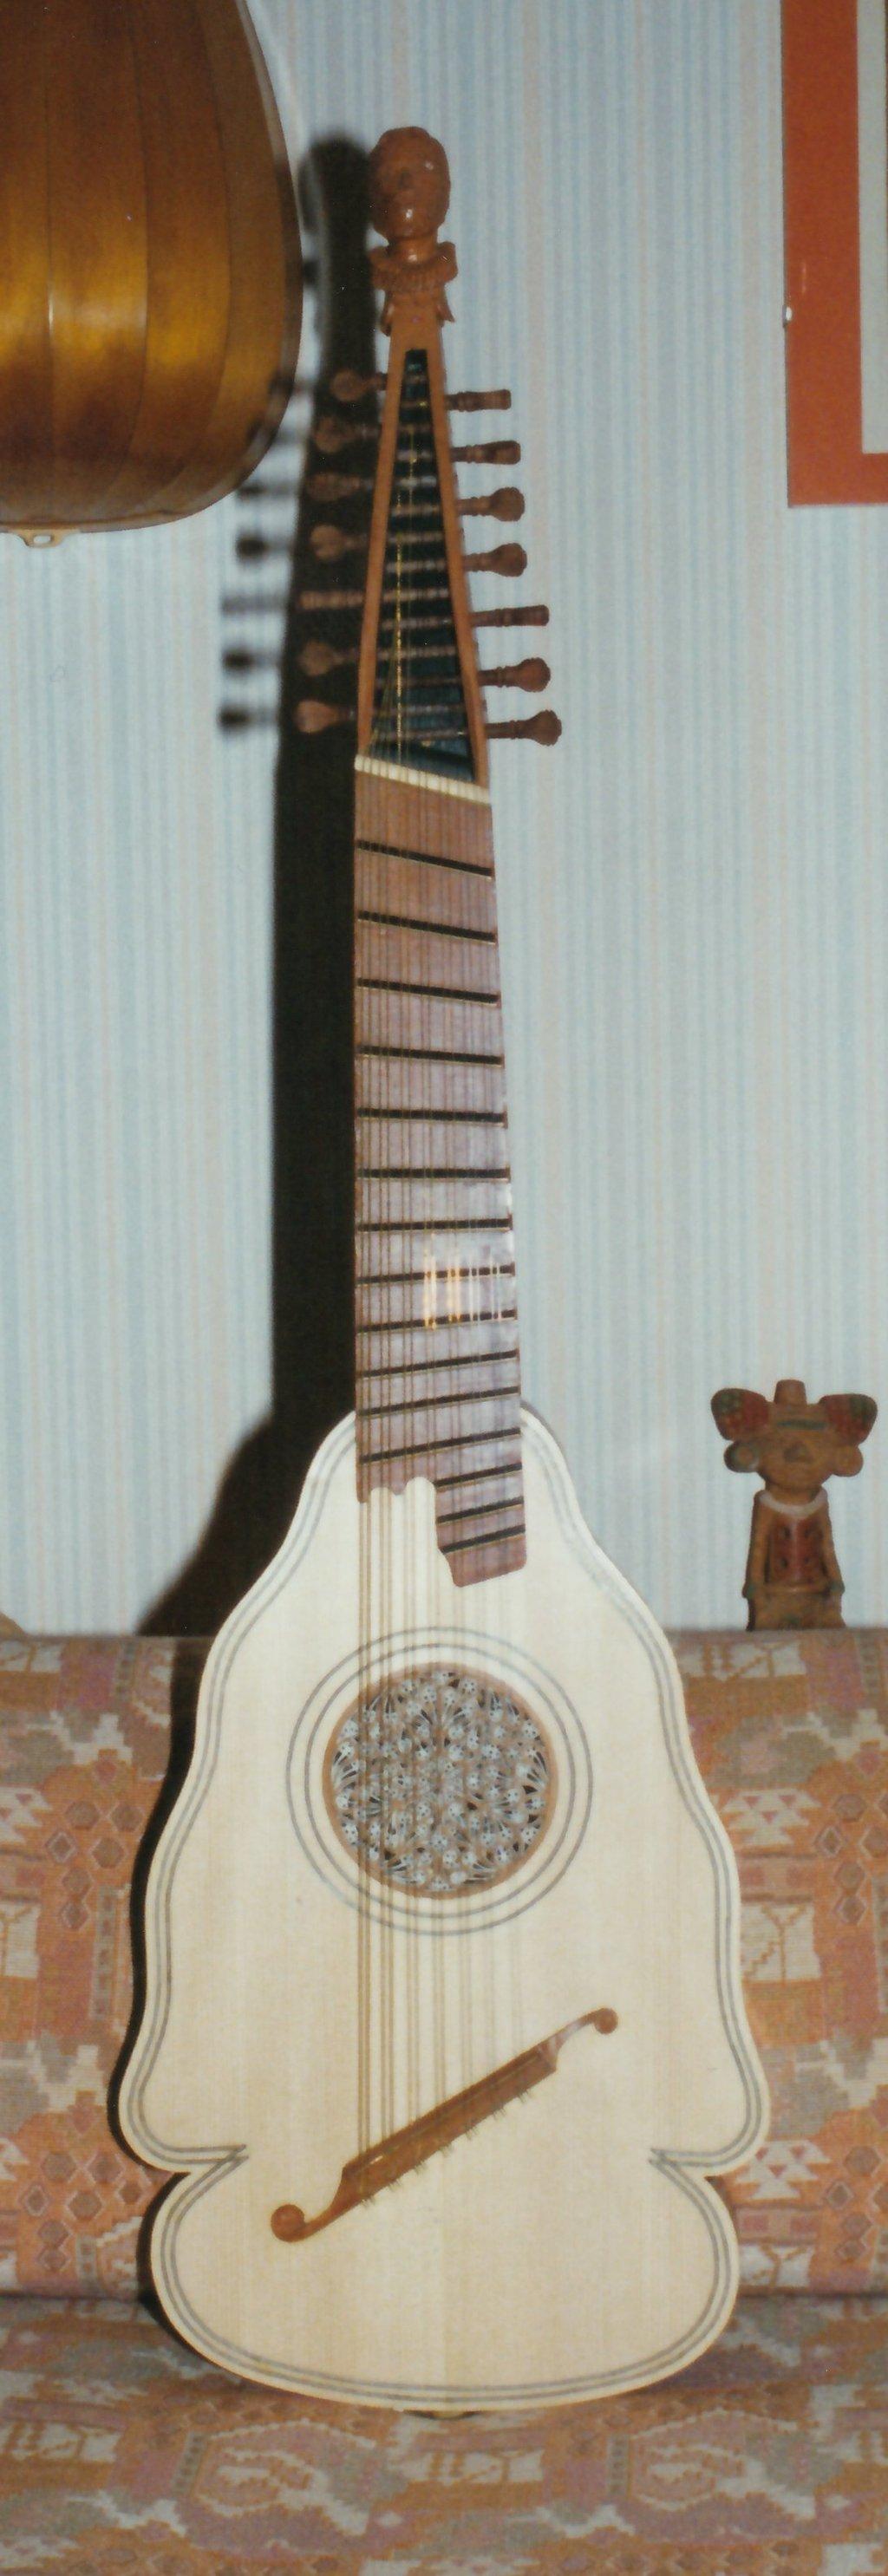 Fabrication d'instruments de musique anciens de bgire - Page 2 2Lr6Ib-1994-Orpharion-55